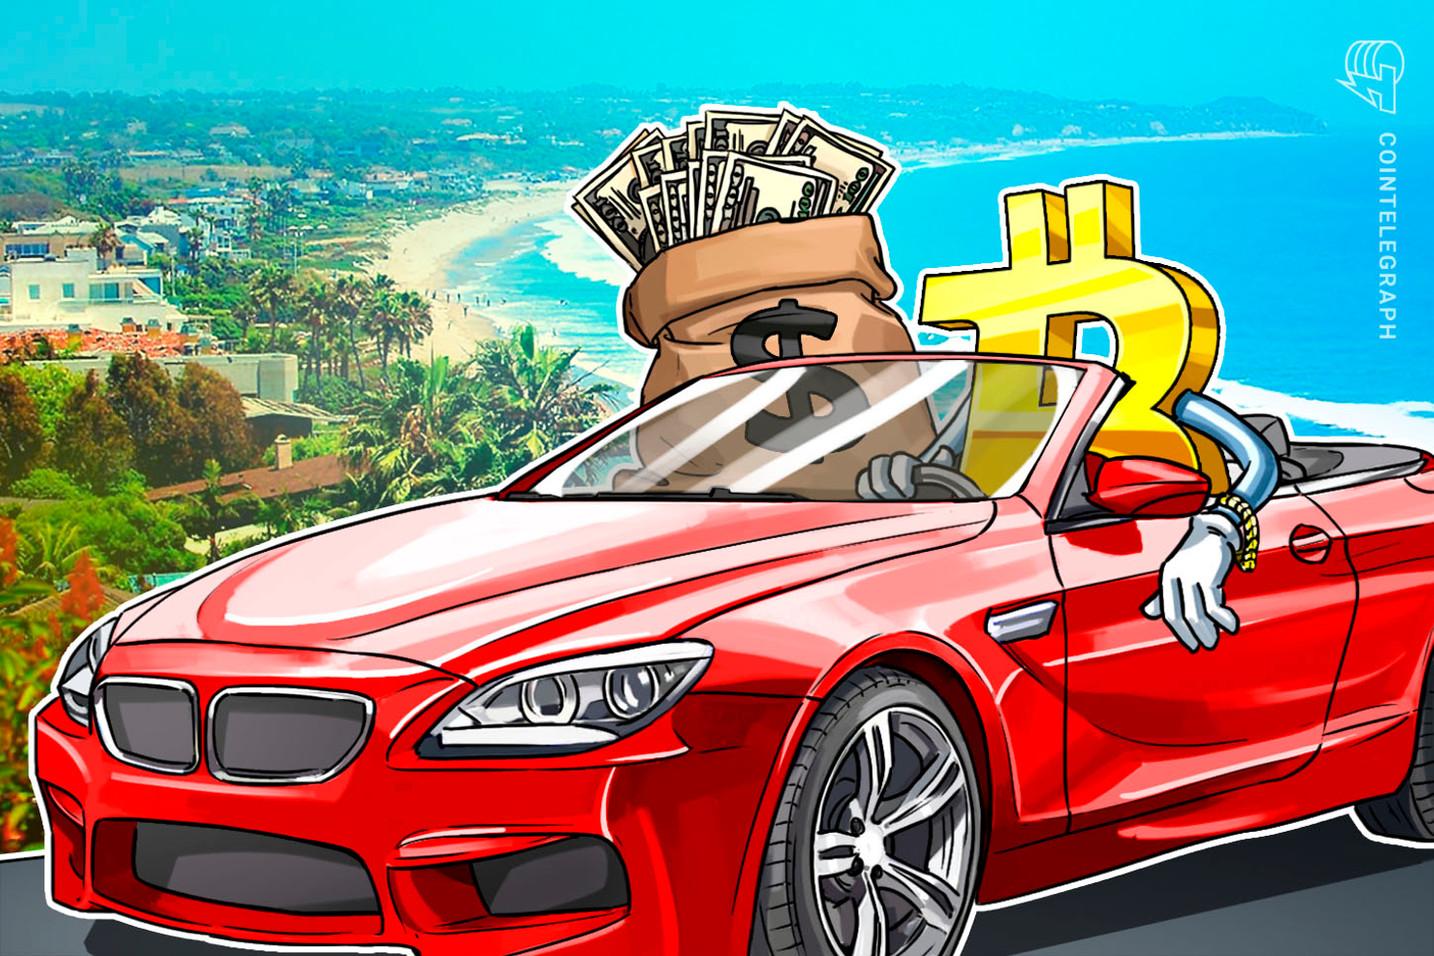 フェラーリなど高級自動車をトークン化、仮想通貨で世界中から投資可能に【ニュース】